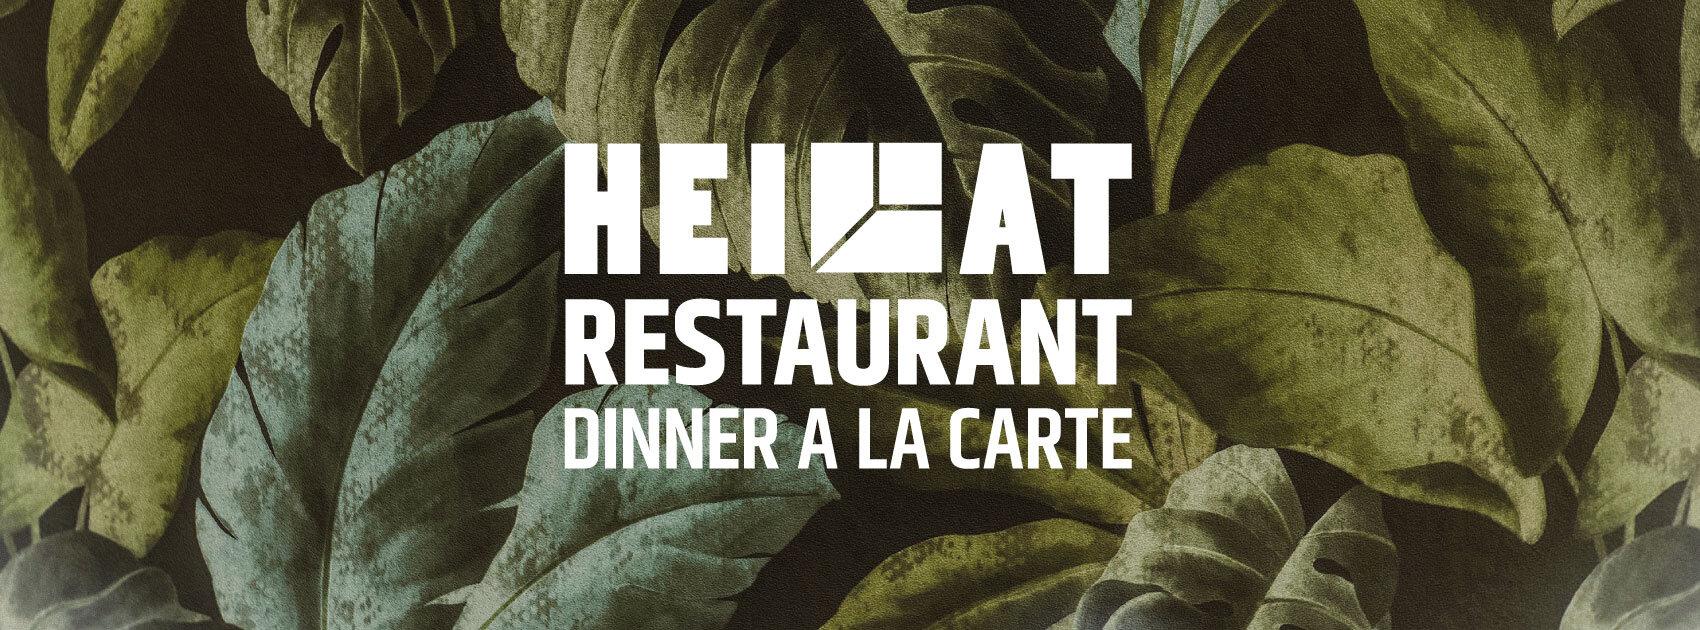 191000_HT_RestaurantN_Dinner_BFBpN.jpg